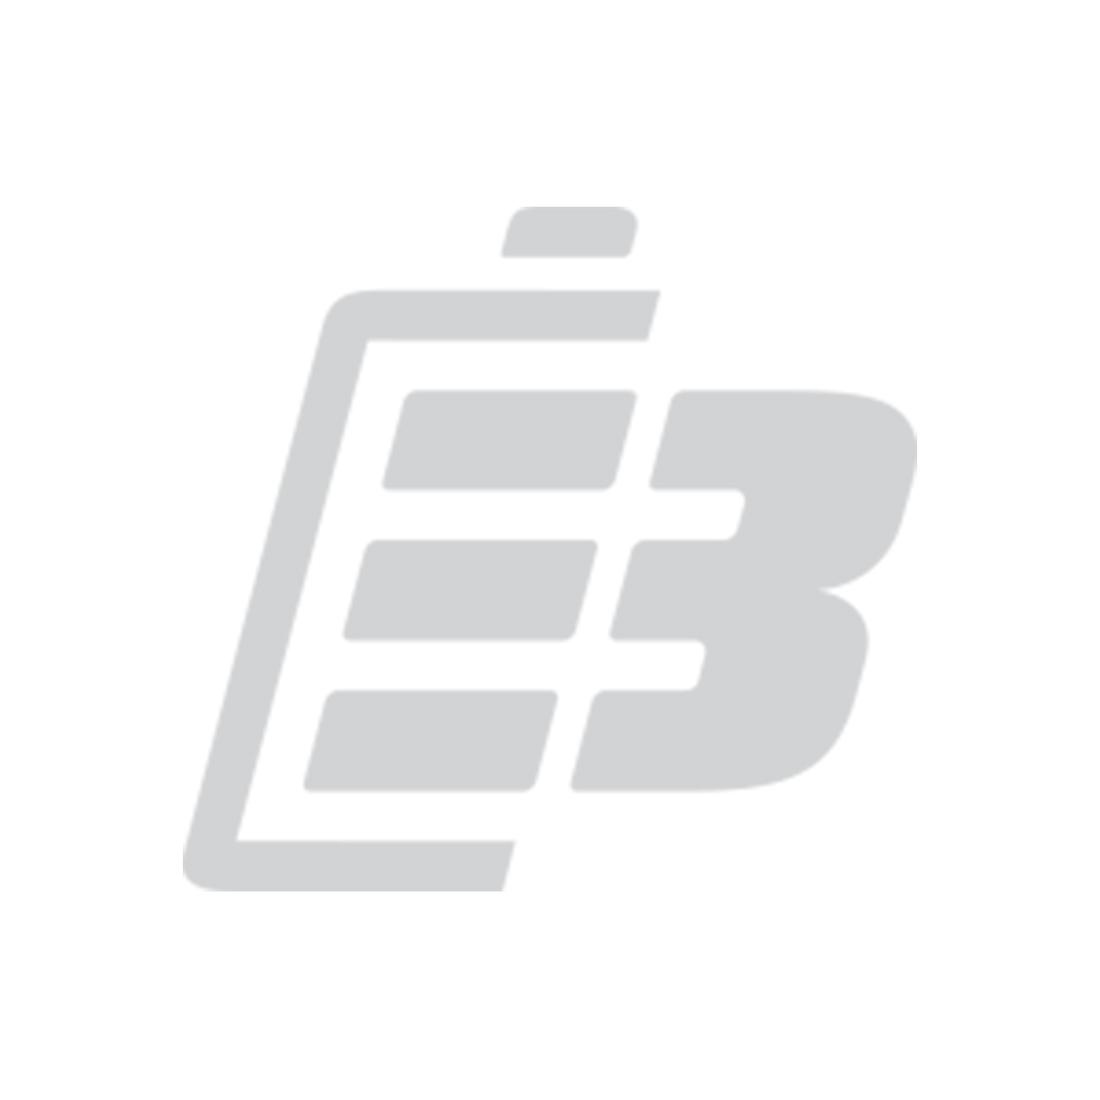 Camera battery Nikon EN-EL11_1